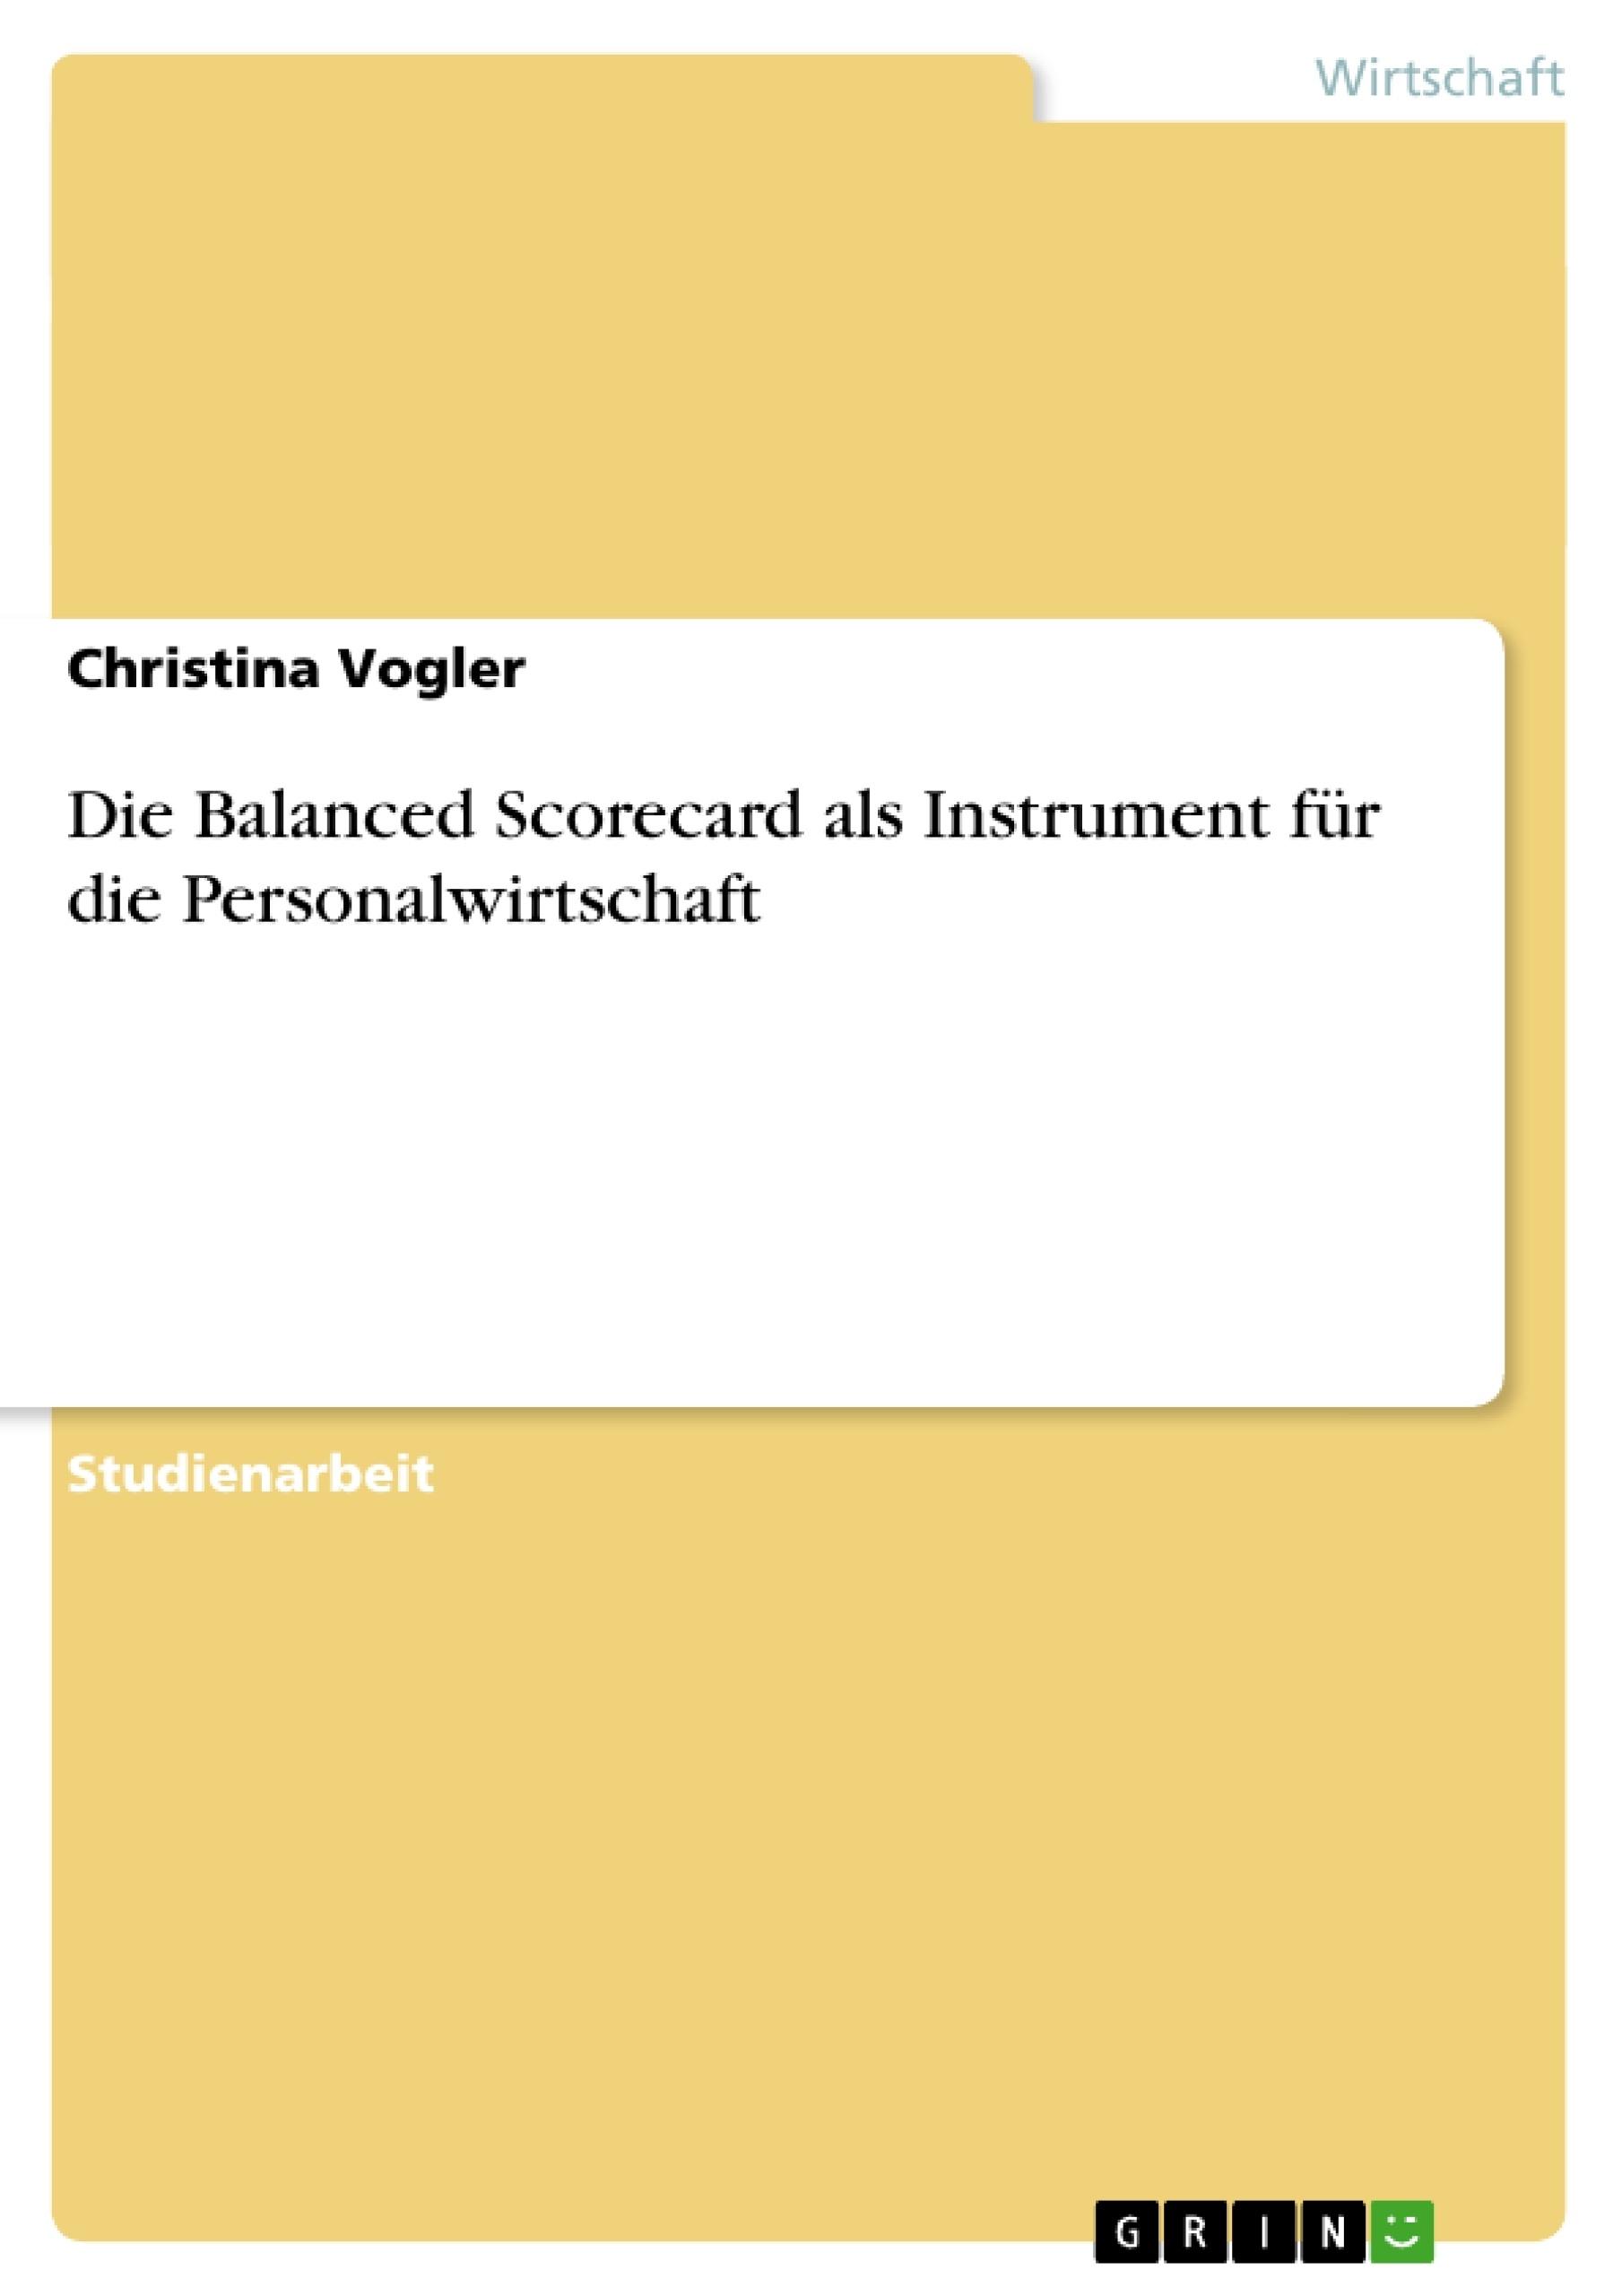 Titel: Die Balanced Scorecard als Instrument für die Personalwirtschaft